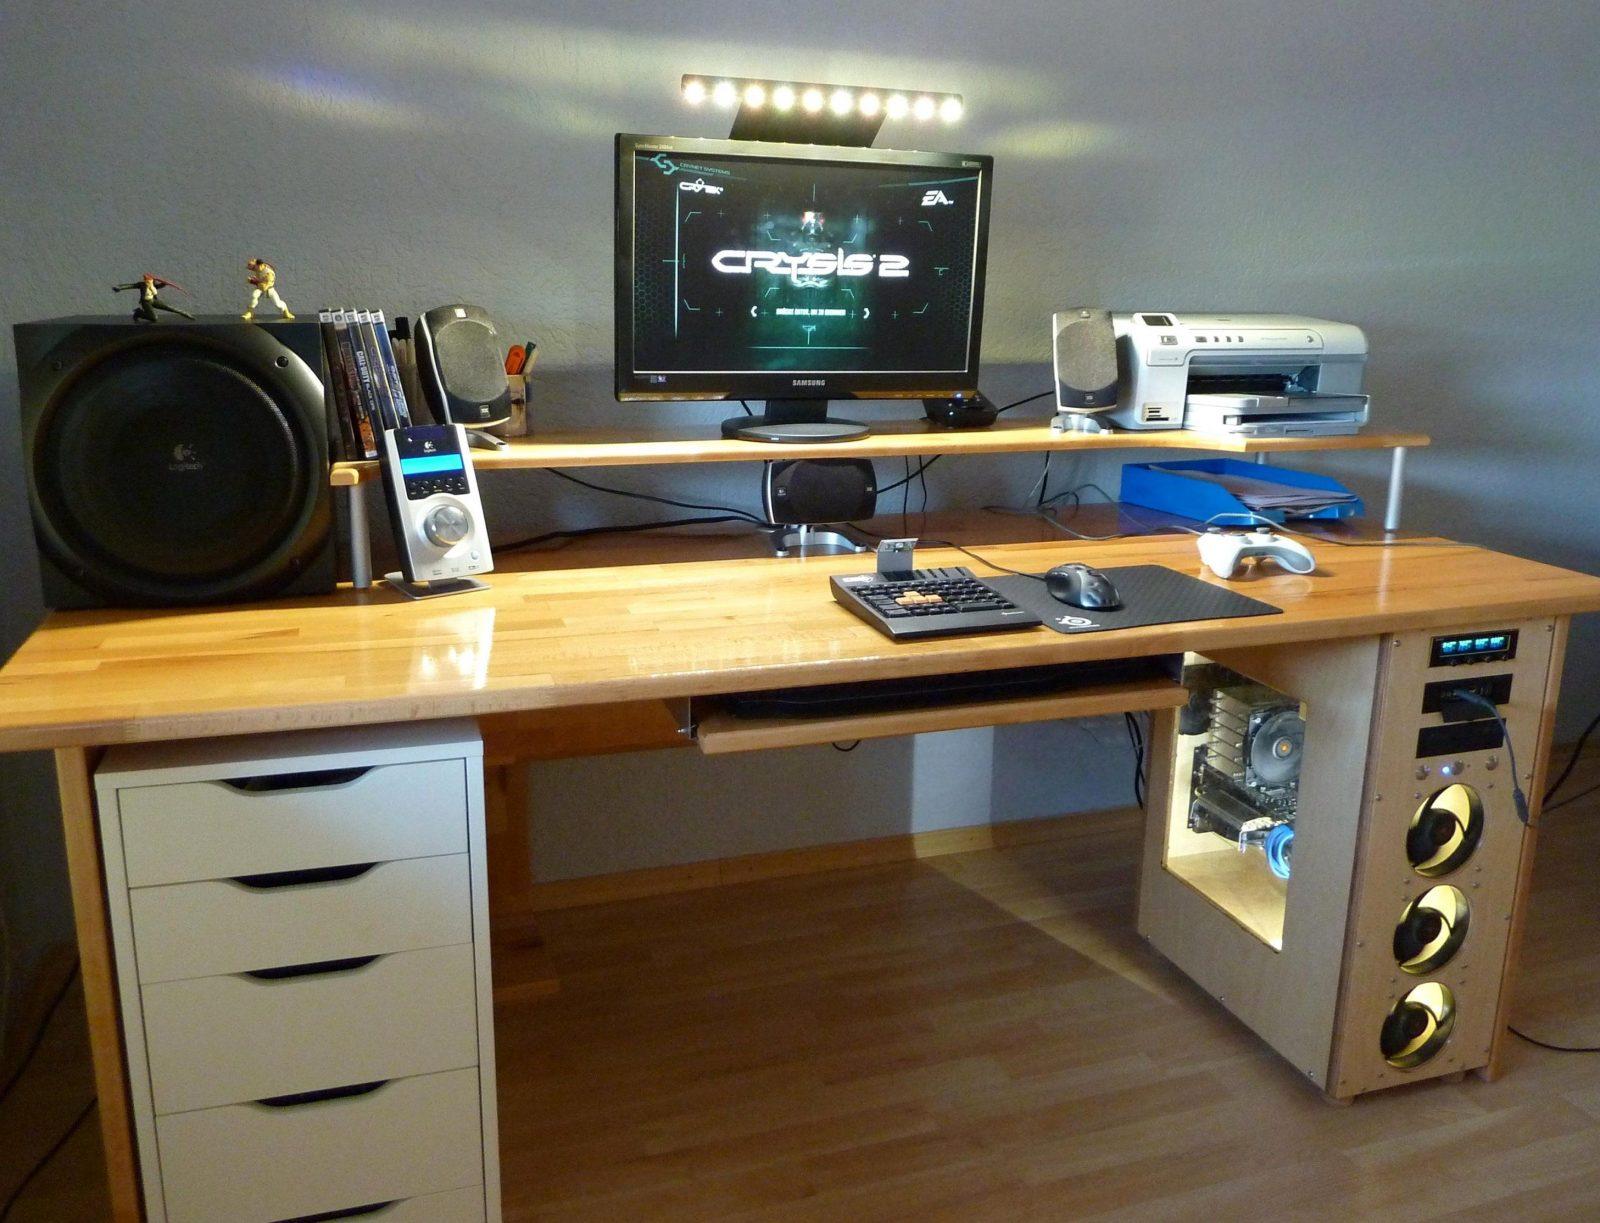 Hervorragend Schreibtisch Selbst Bauen Gaming Tisch Pc Zocker Avec von Computer Schreibtisch Selber Bauen Photo